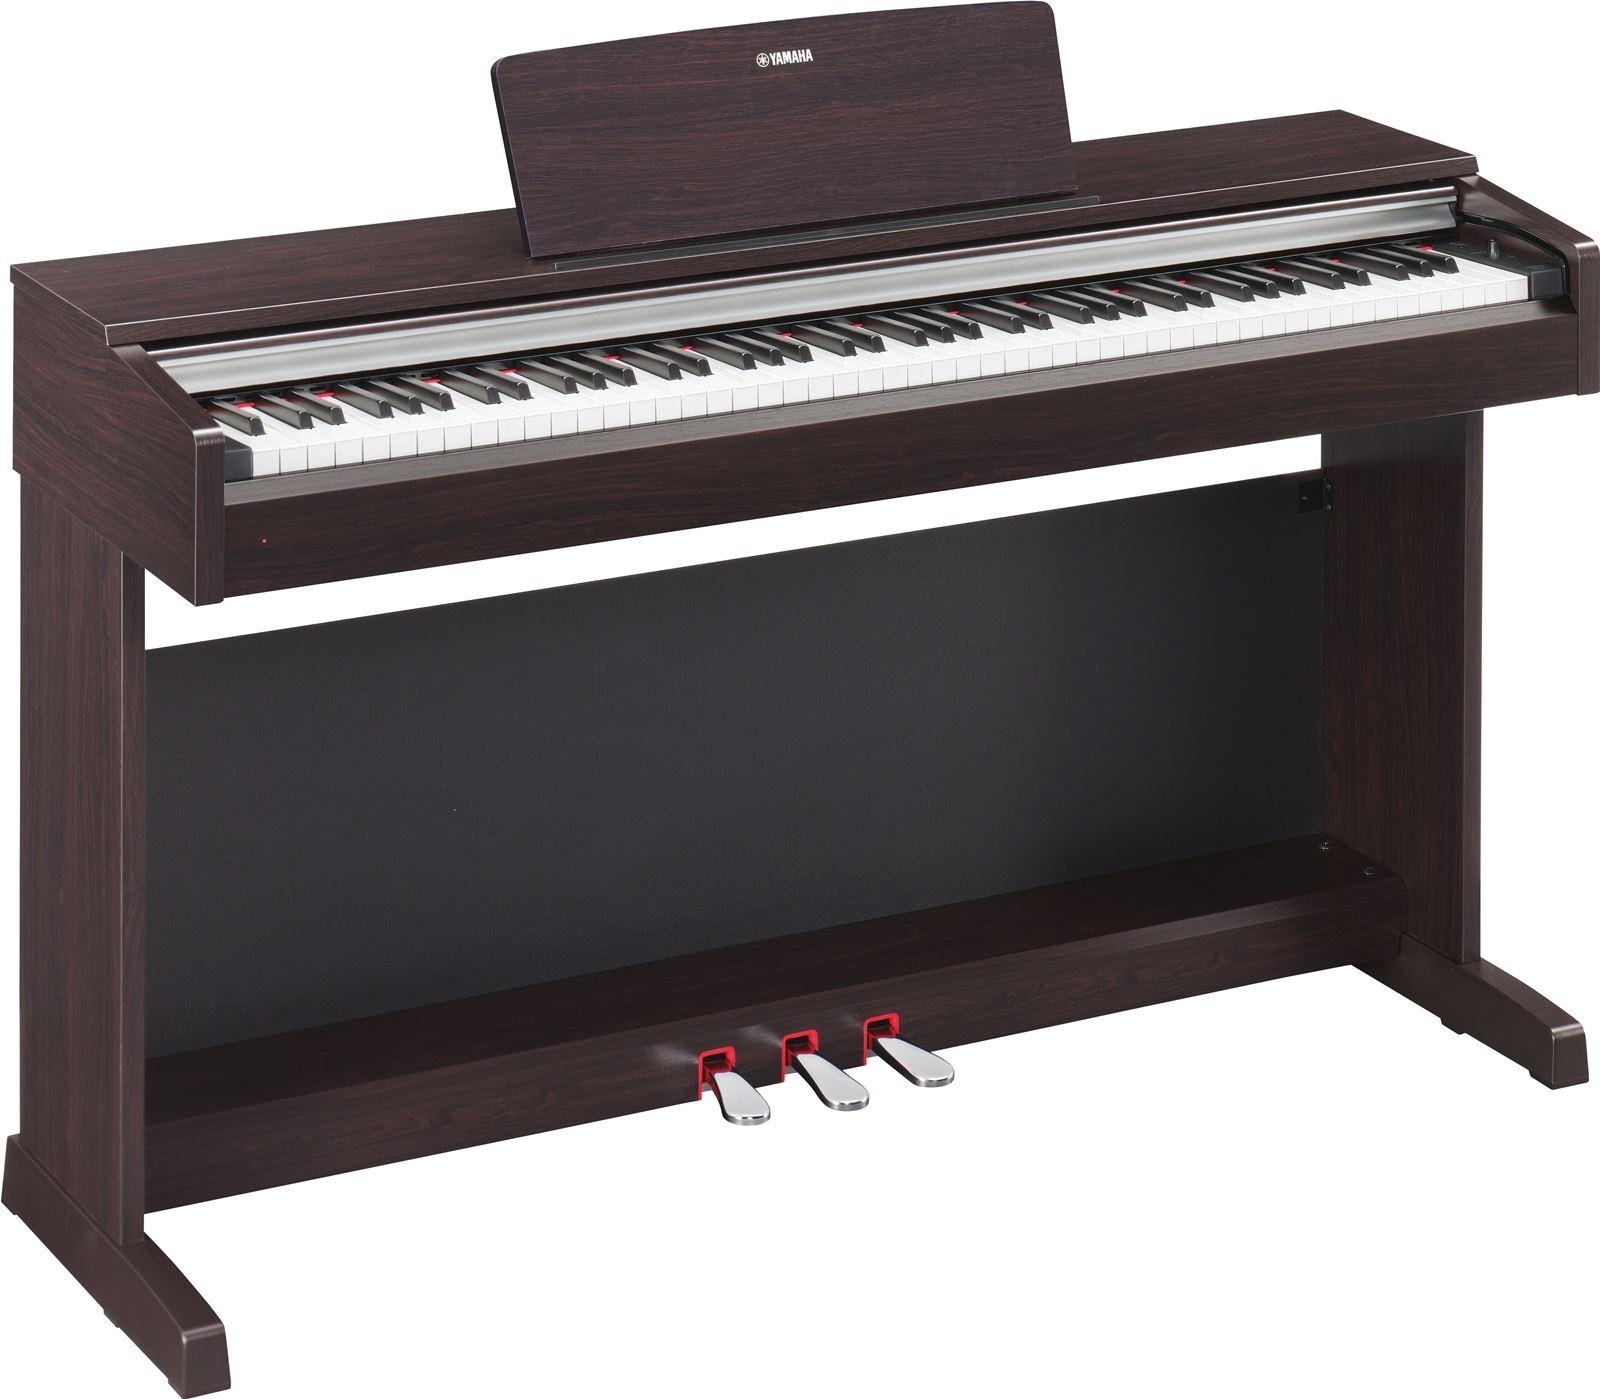 Piano Yamaha Arius YDP142